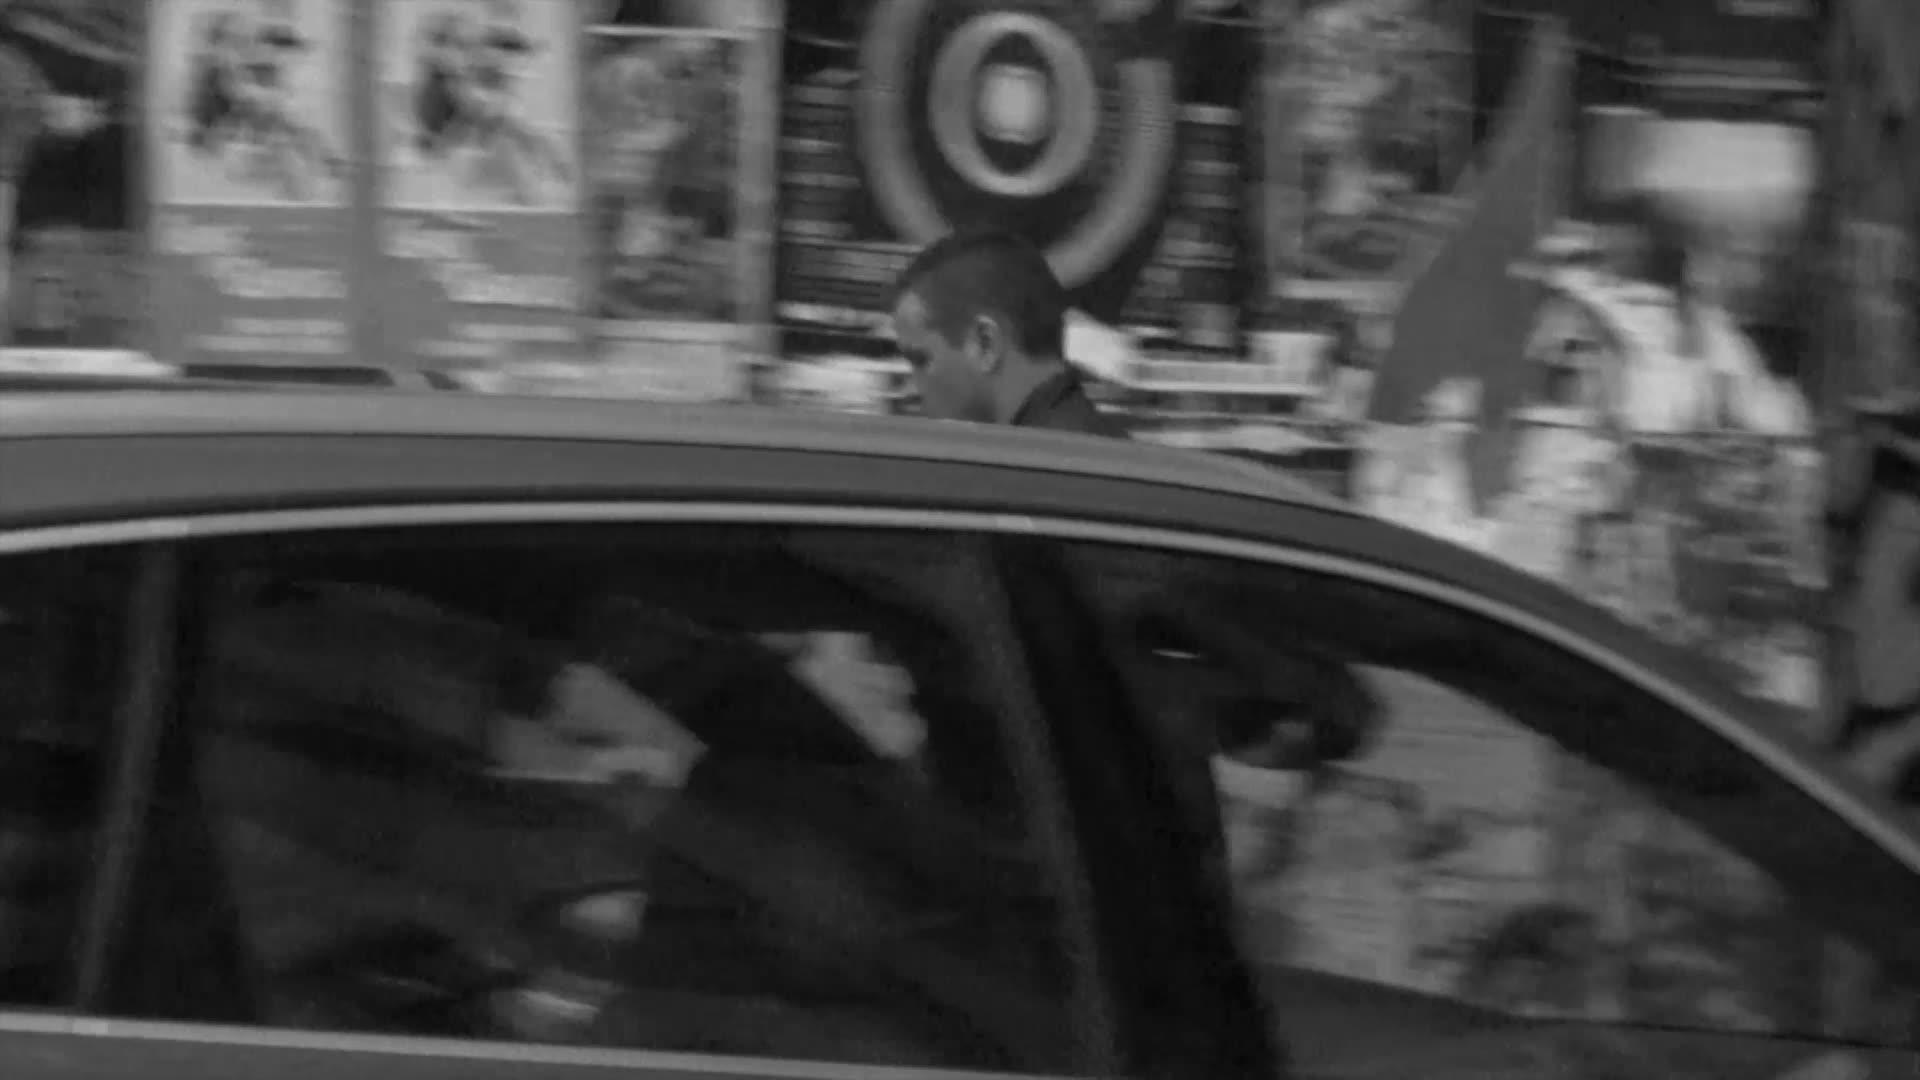 Matt Damon Films Mild New Bourne Scenes in Germany